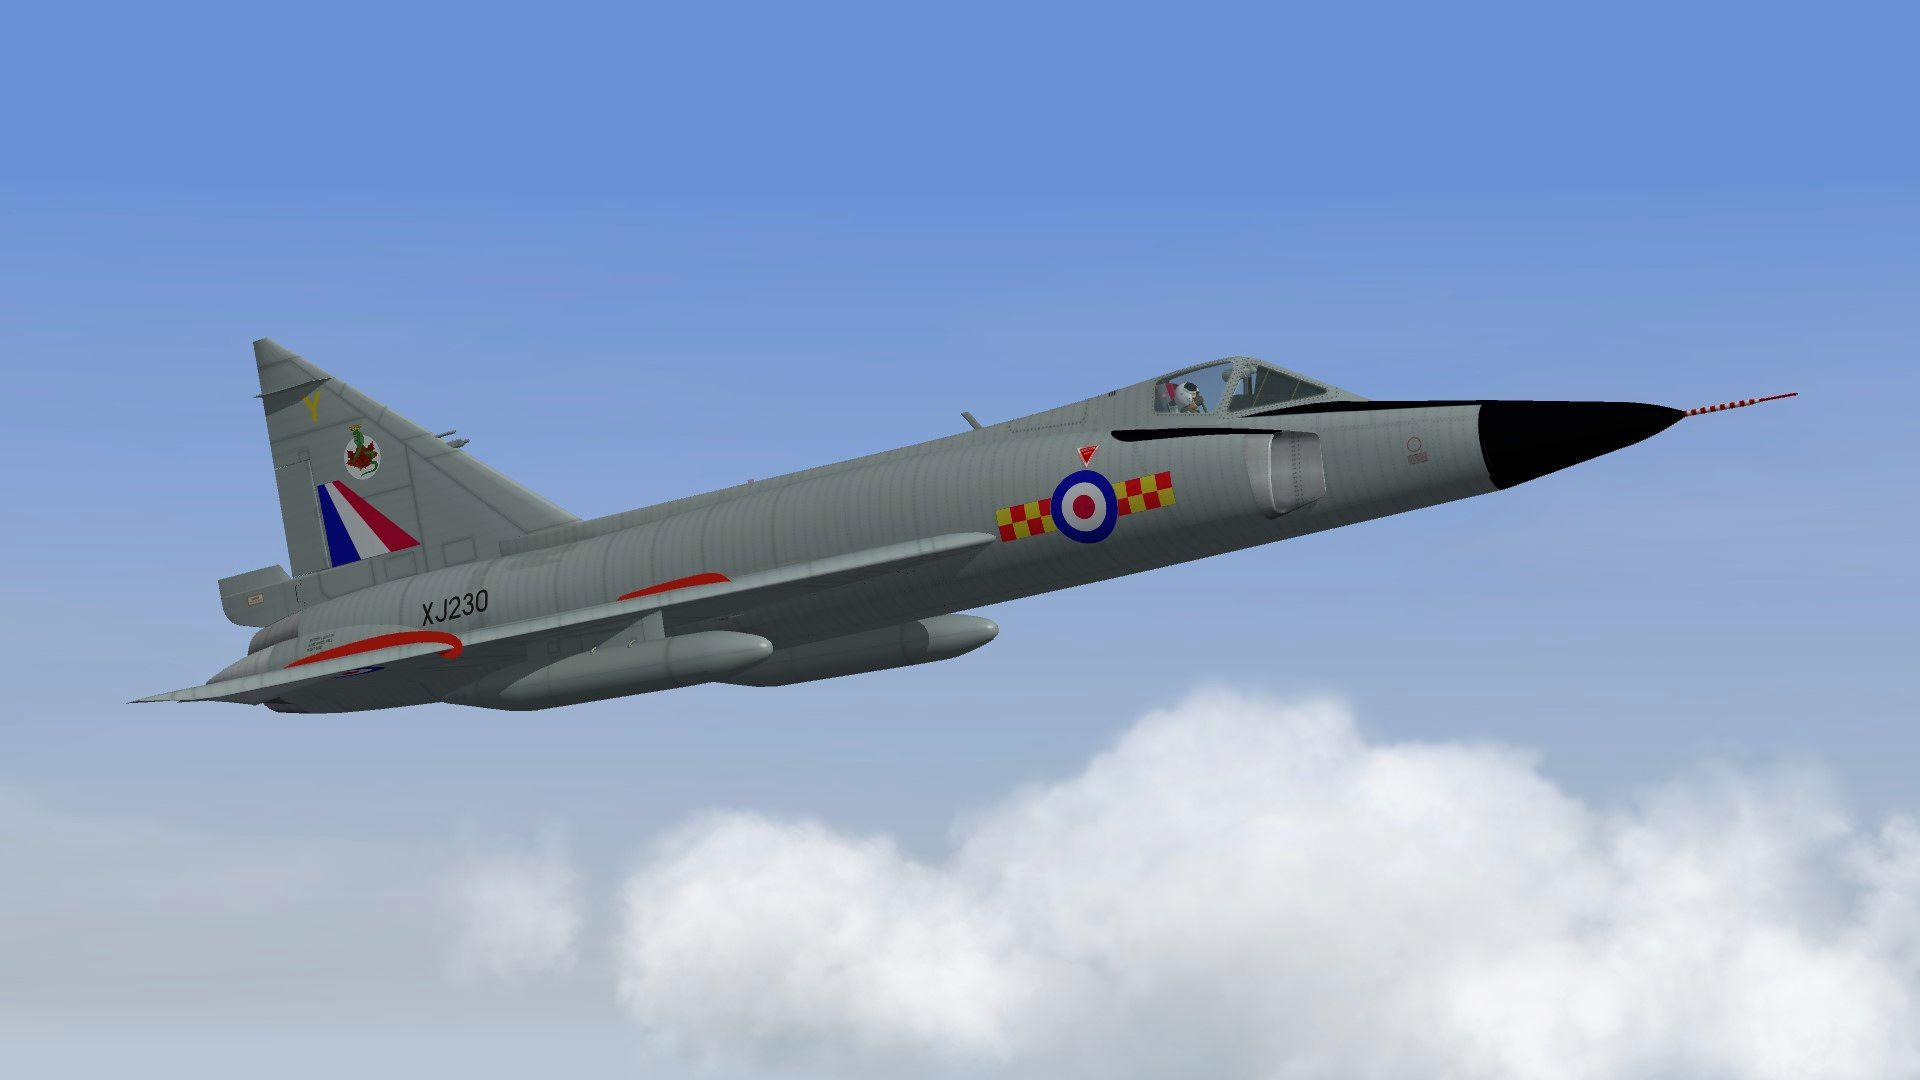 RAF%20GALANT%20FAW1.06_zpszhylbwpd.jpg